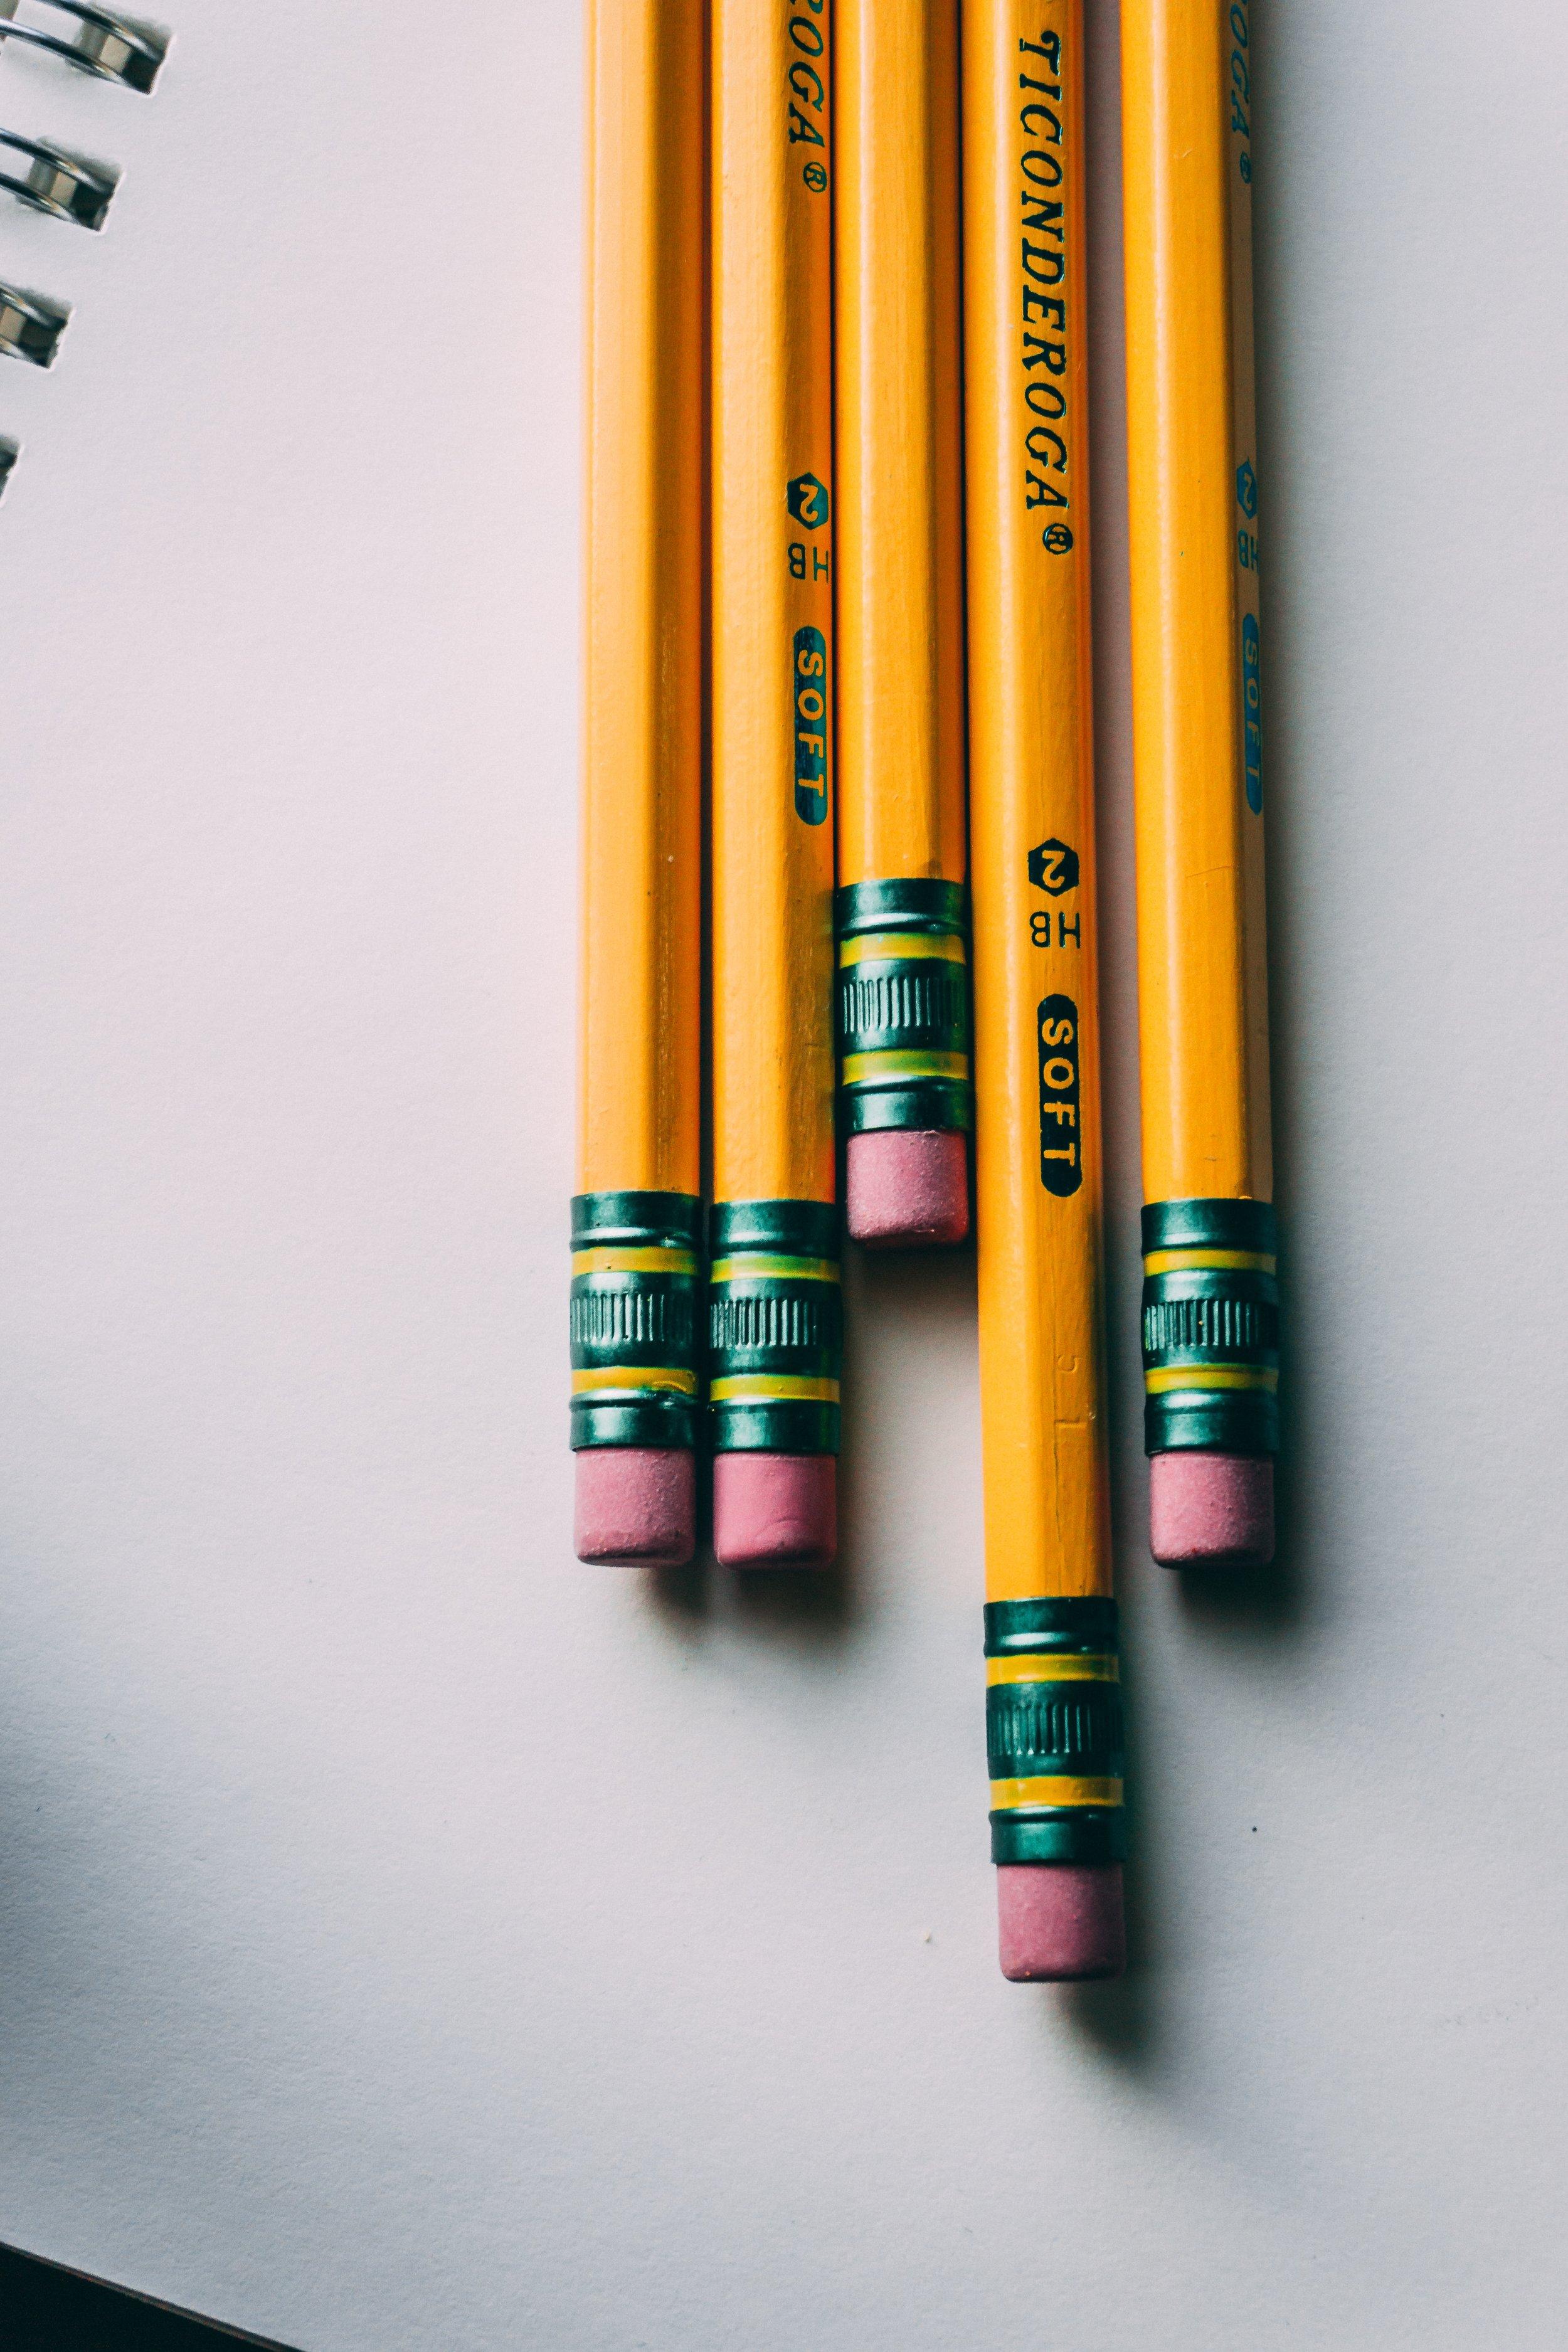 glimsen-pencils-notebook.jpg